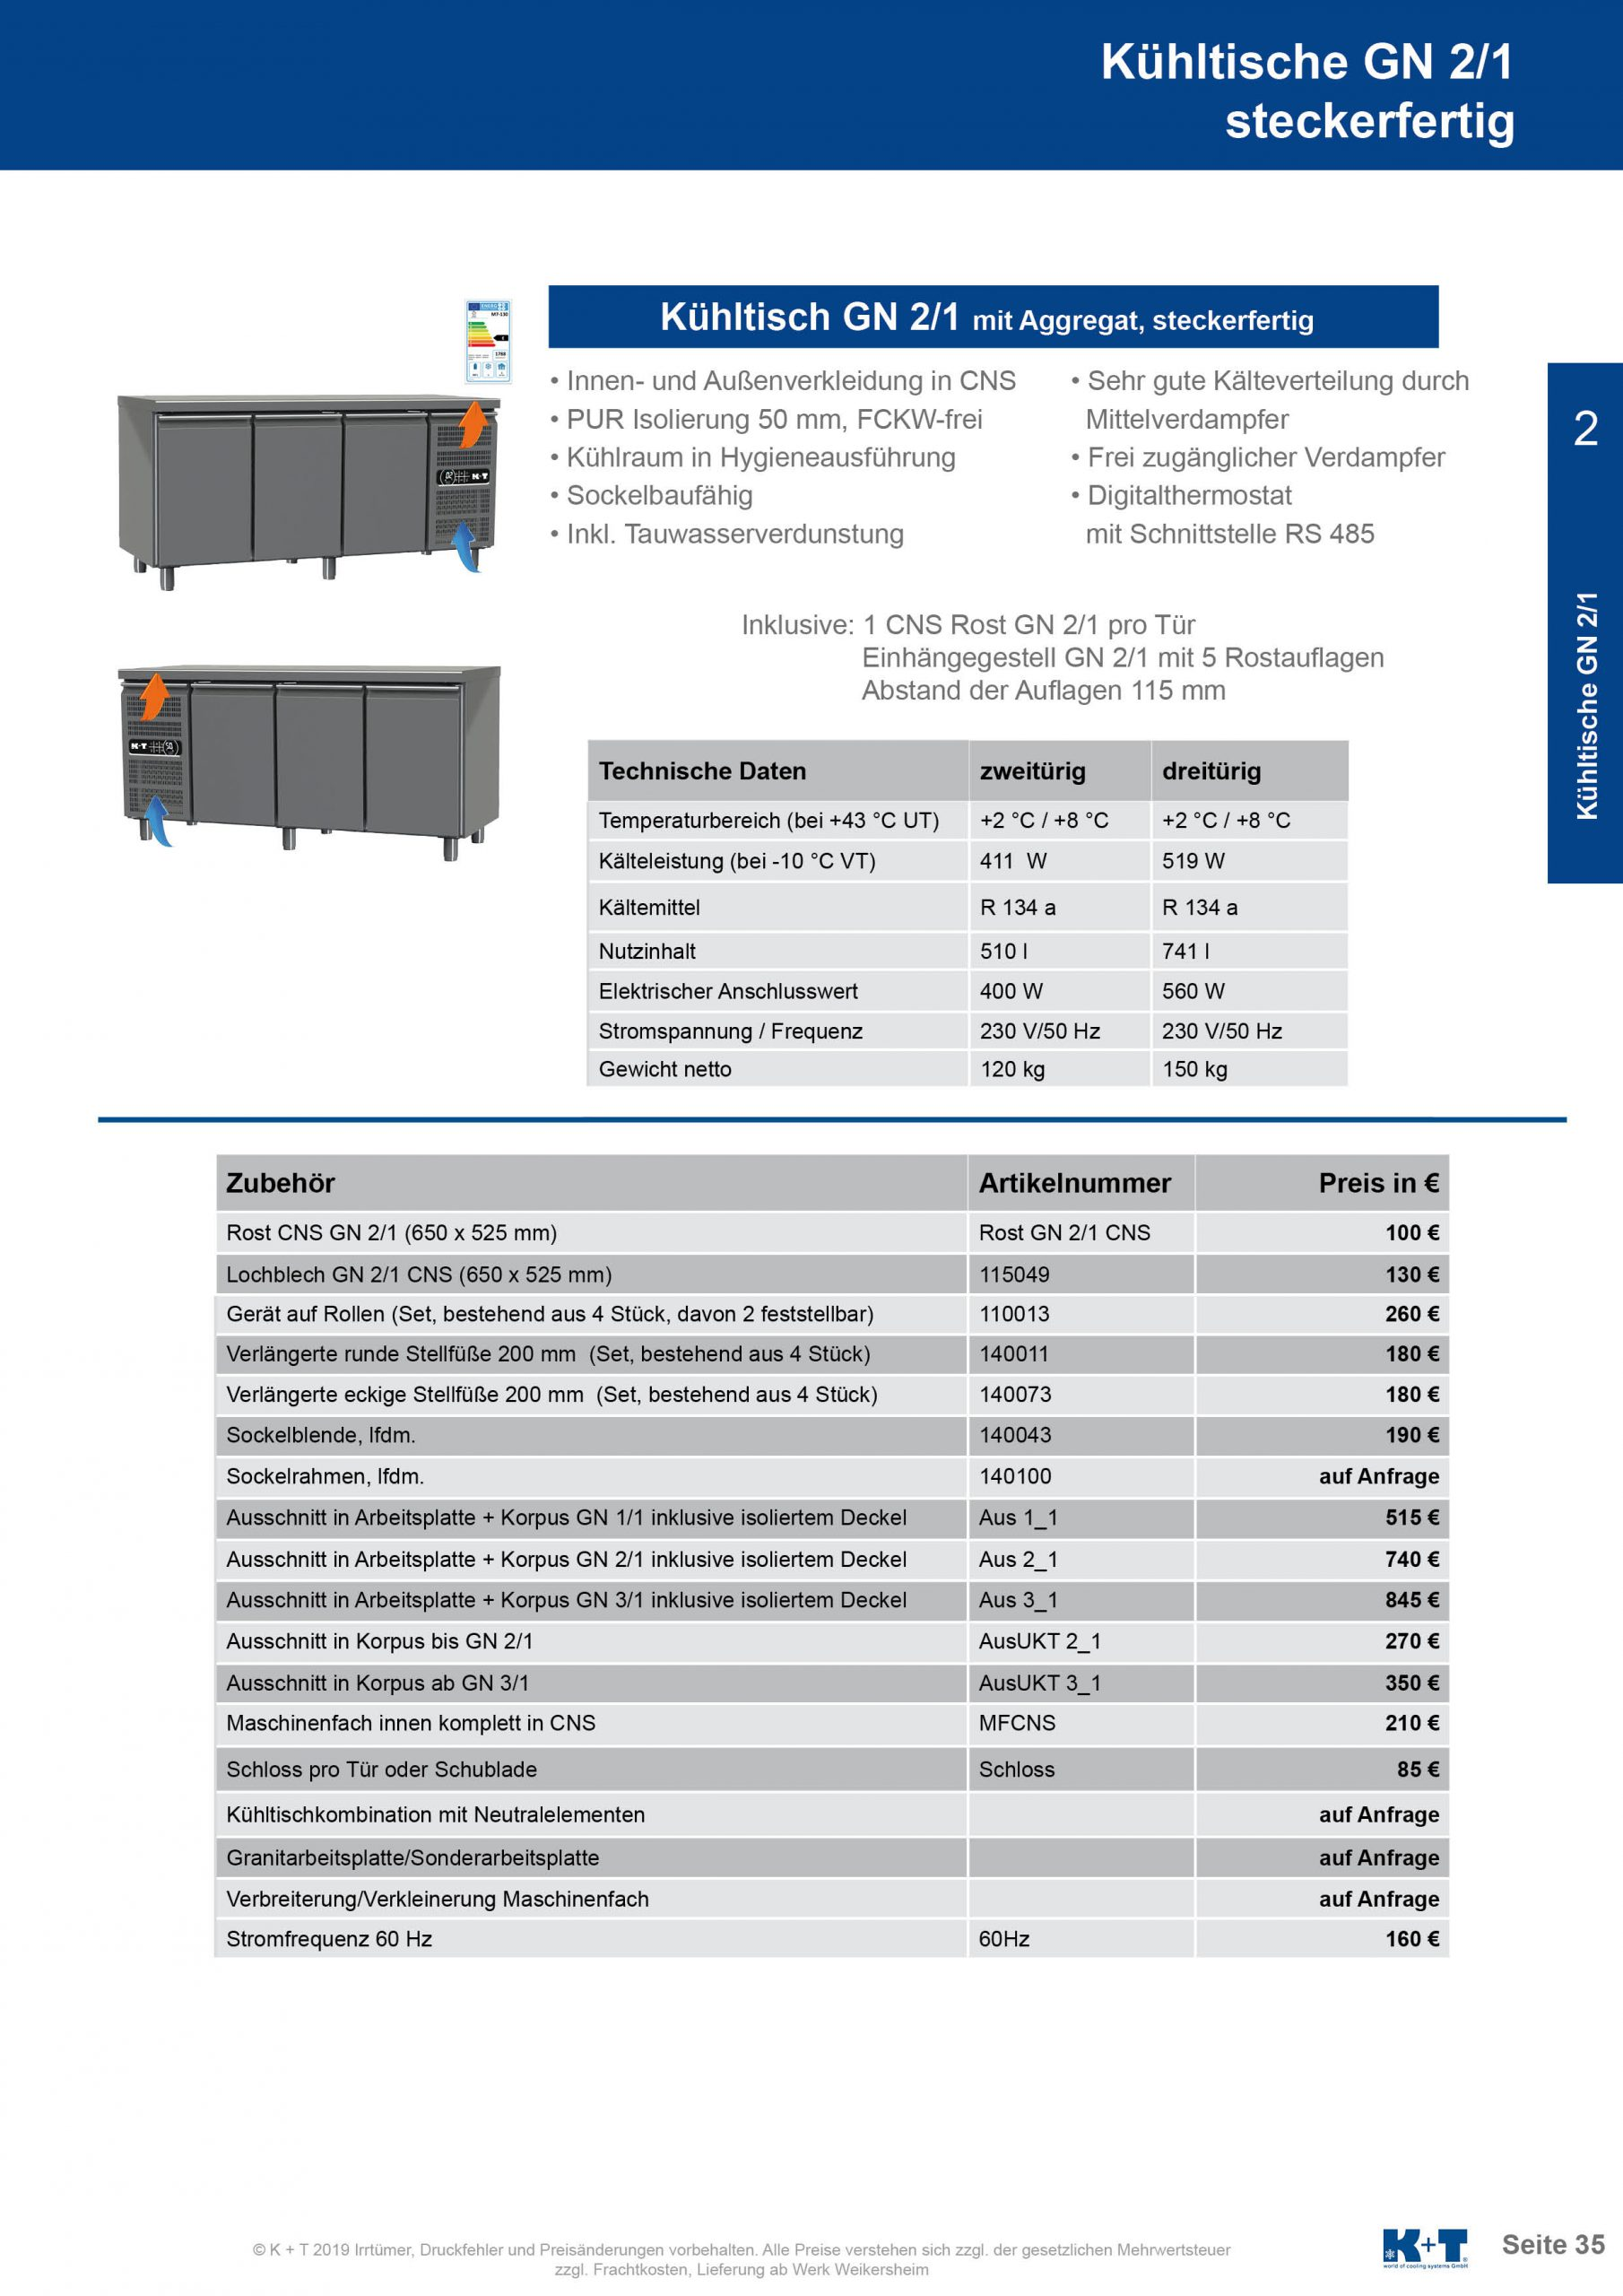 Kühltisch GN 2_1 Korpus 700 steckerfertig 2